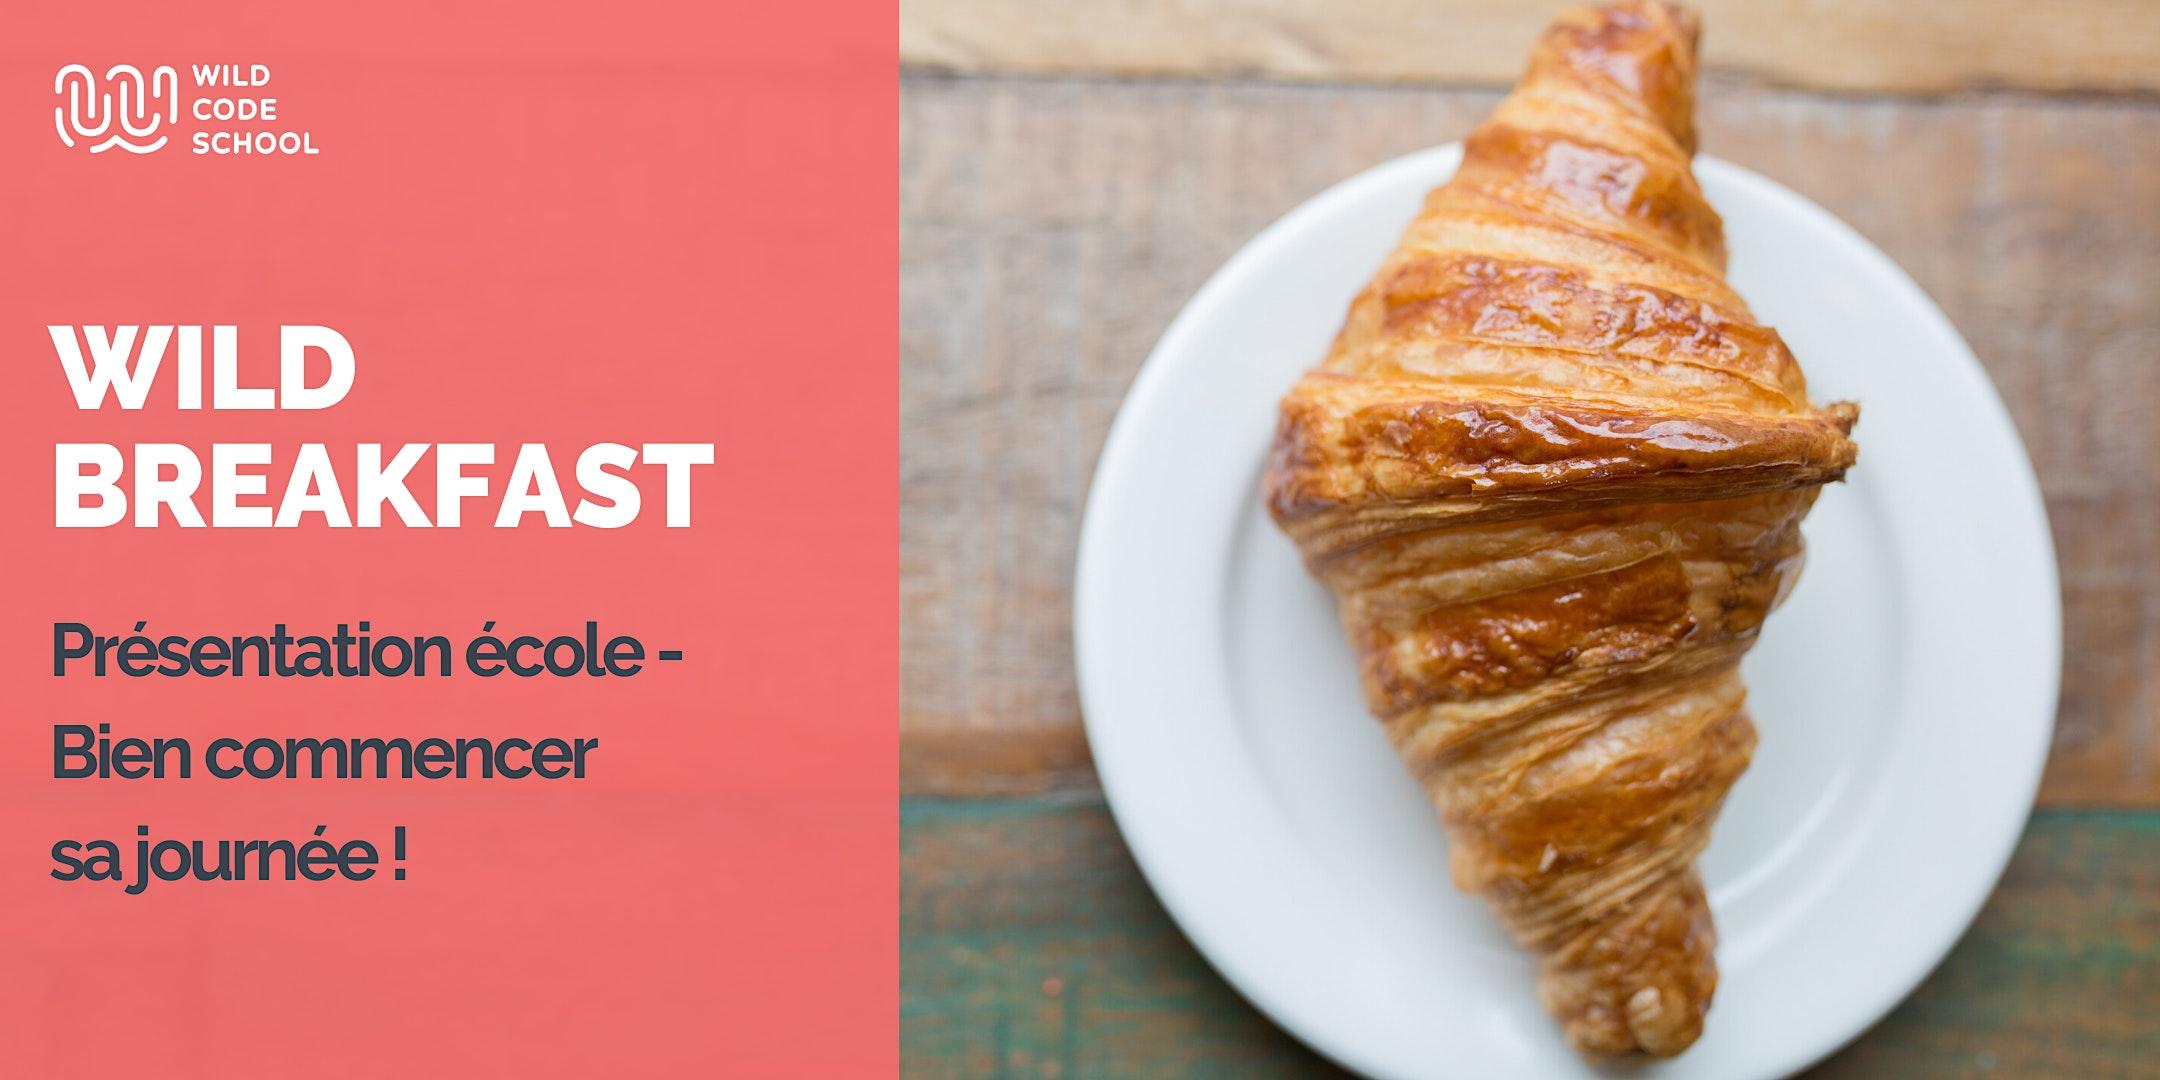 Wild Breakfast en visio - Présentation école pour bien commencer sa journée !